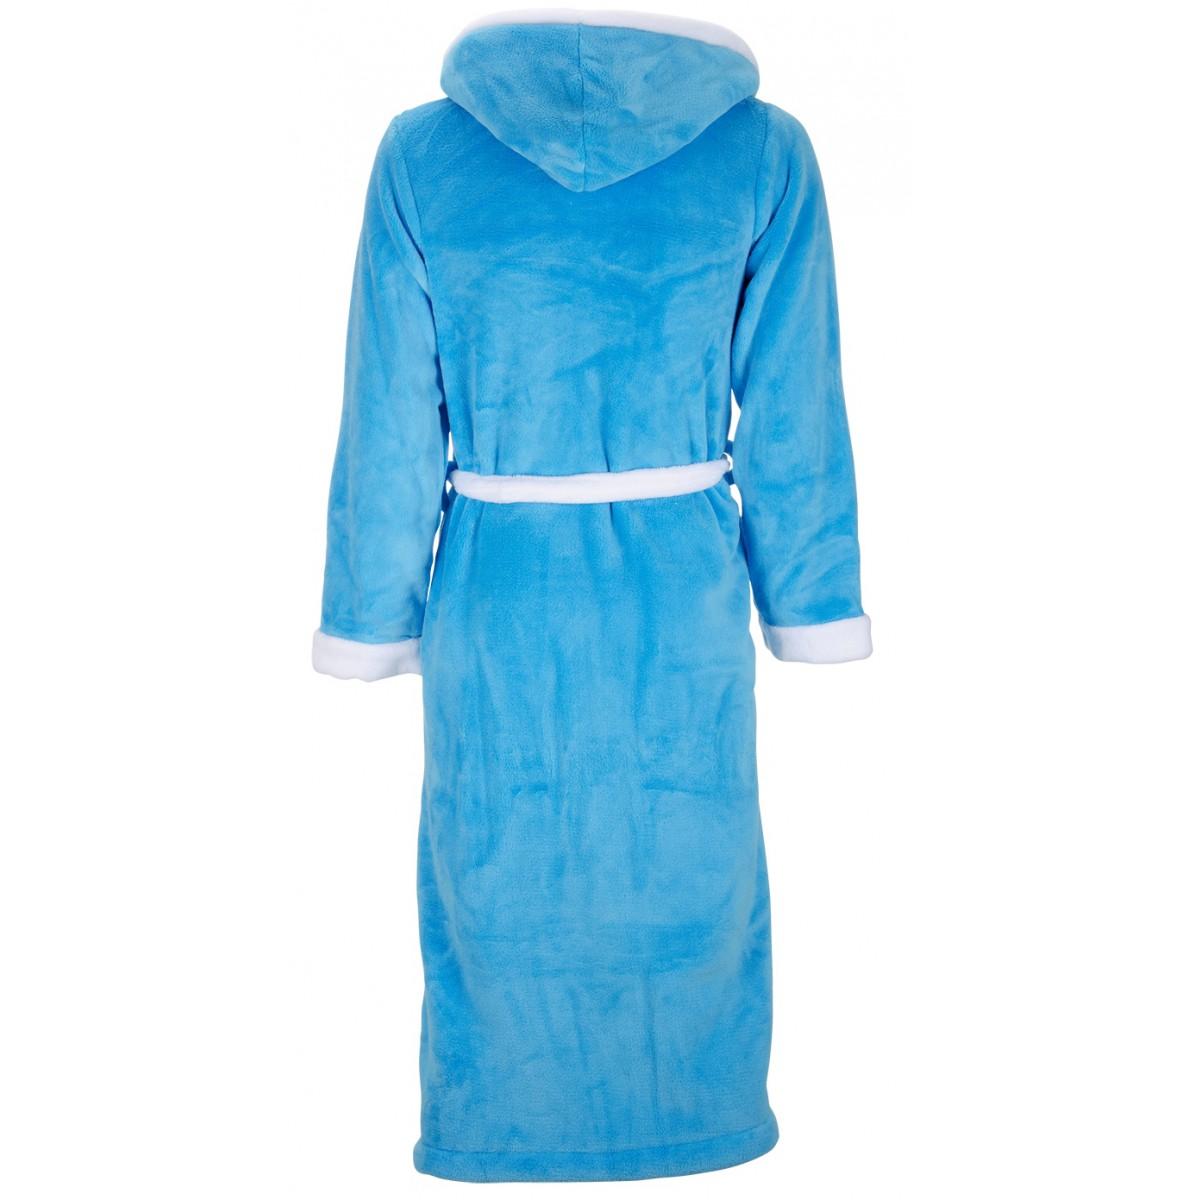 Aquablauwe damesbadjas met capuchon